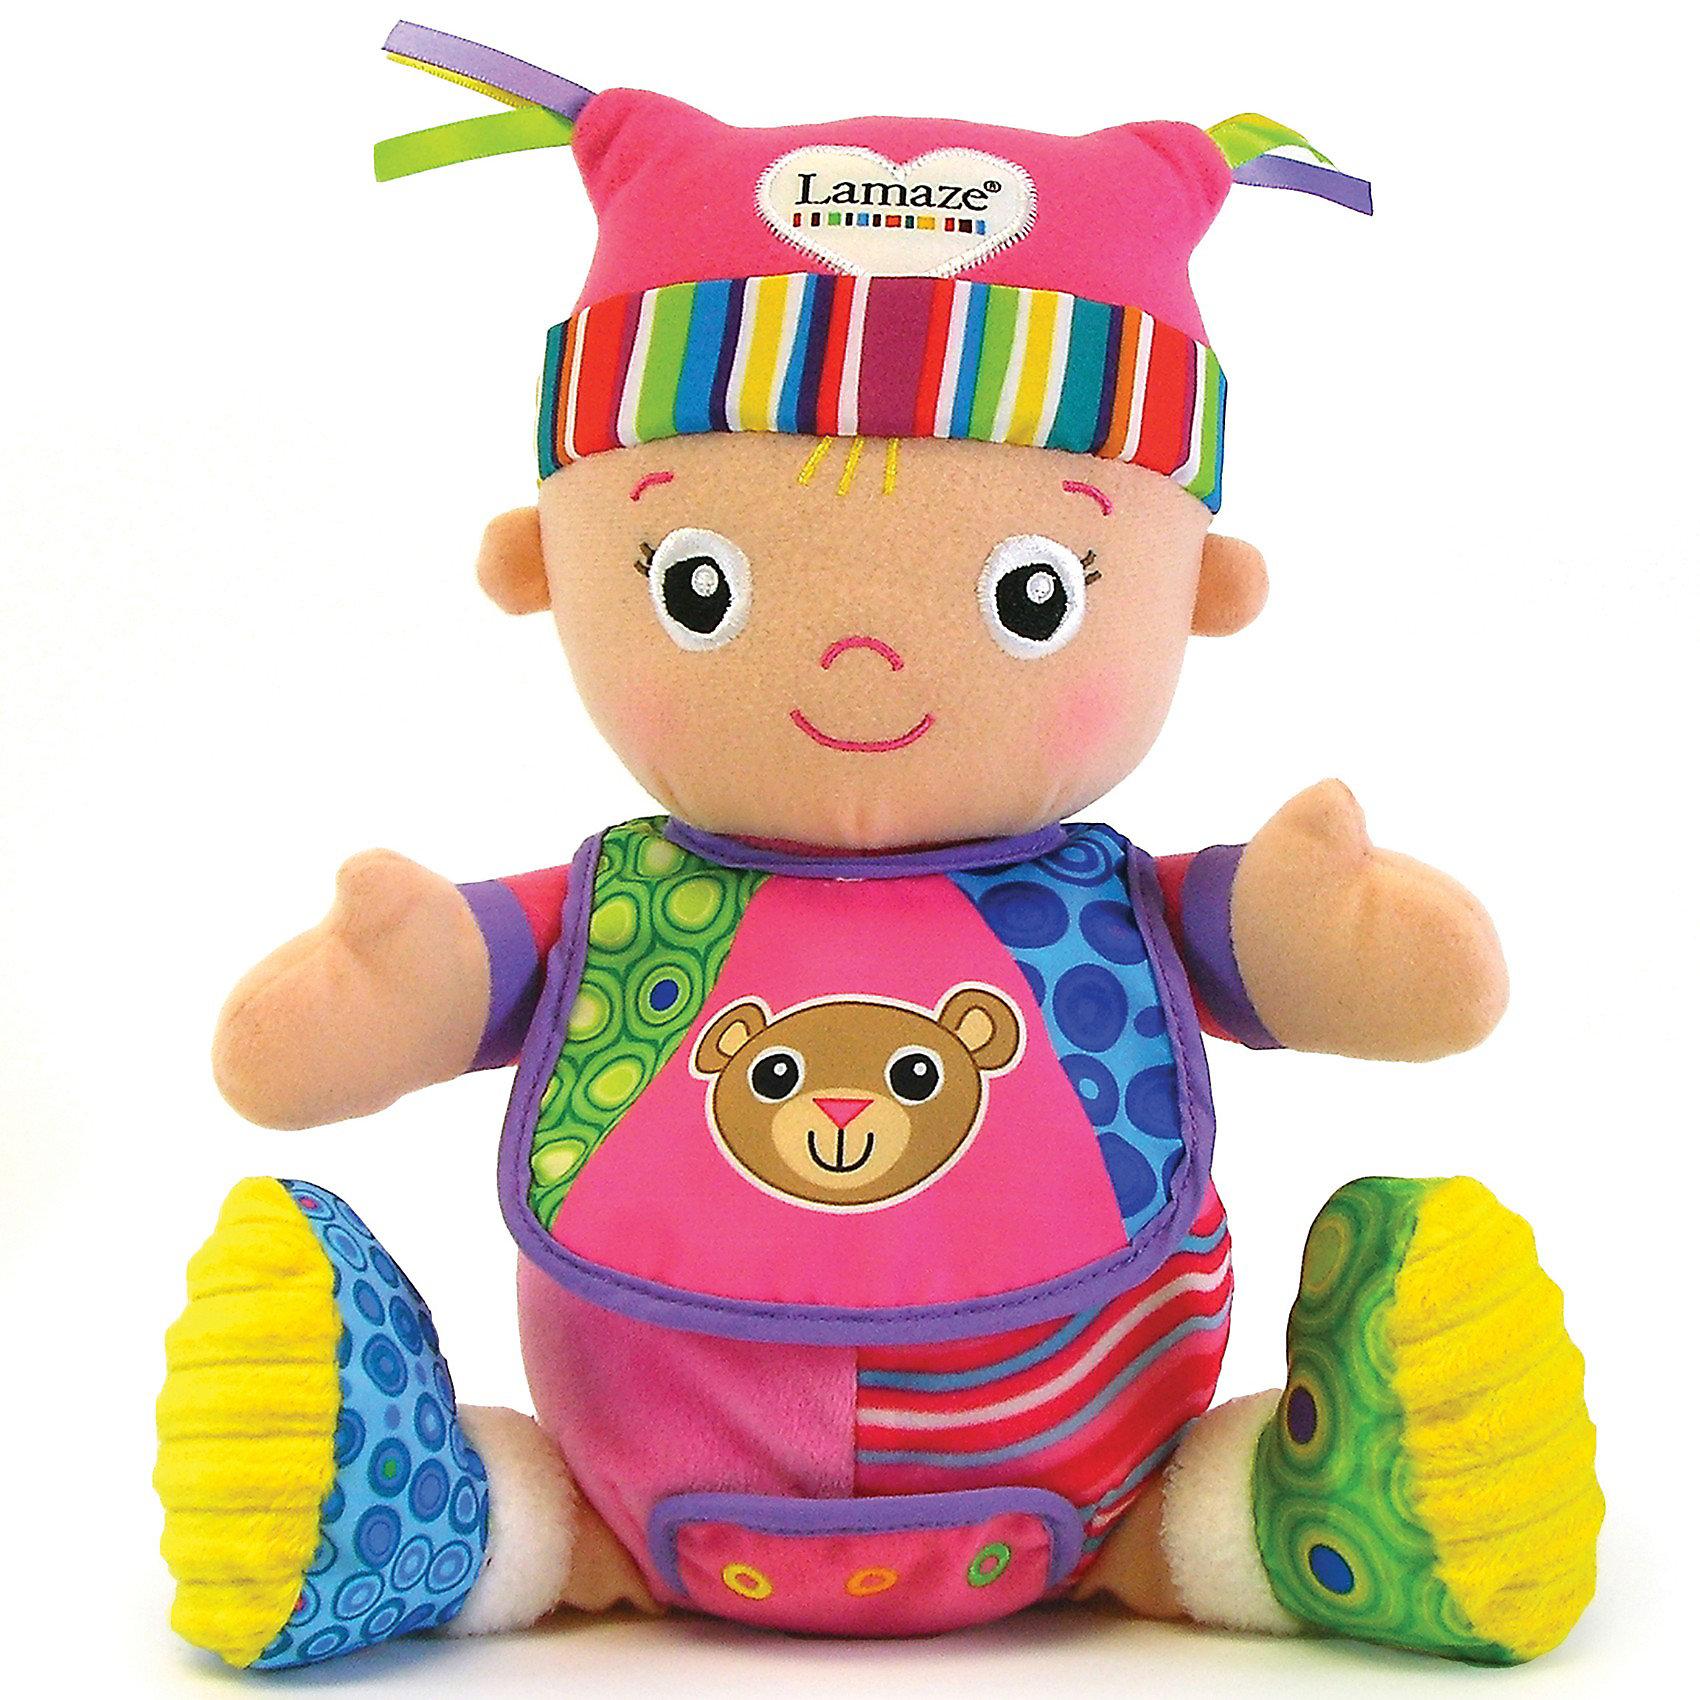 Игрушка Моя первая кукла Маша, LamazeЭта забавная игрушка обязательно понравится малышу и подарит ему много улыбок и положительных эмоций. Кукла выполнена из приятного на ощупь материала, плотно набита, одета в очень яркую и красивую одежду (не снимается) с шуршащими элементами. Выполнена из высококачественного гипоаллергенного материала безопасного для детей. <br><br>Дополнительная информация: <br><br>- Материал: текстиль.<br>- Размер: 28 см.<br>- Цвет: разноцветный.<br><br>Игрушку Моя первая кукла Маша, Lamaze можно купить в нашем магазине.<br><br>Ширина мм: 280<br>Глубина мм: 205<br>Высота мм: 154<br>Вес г: 260<br>Возраст от месяцев: 0<br>Возраст до месяцев: 24<br>Пол: Унисекс<br>Возраст: Детский<br>SKU: 3173891